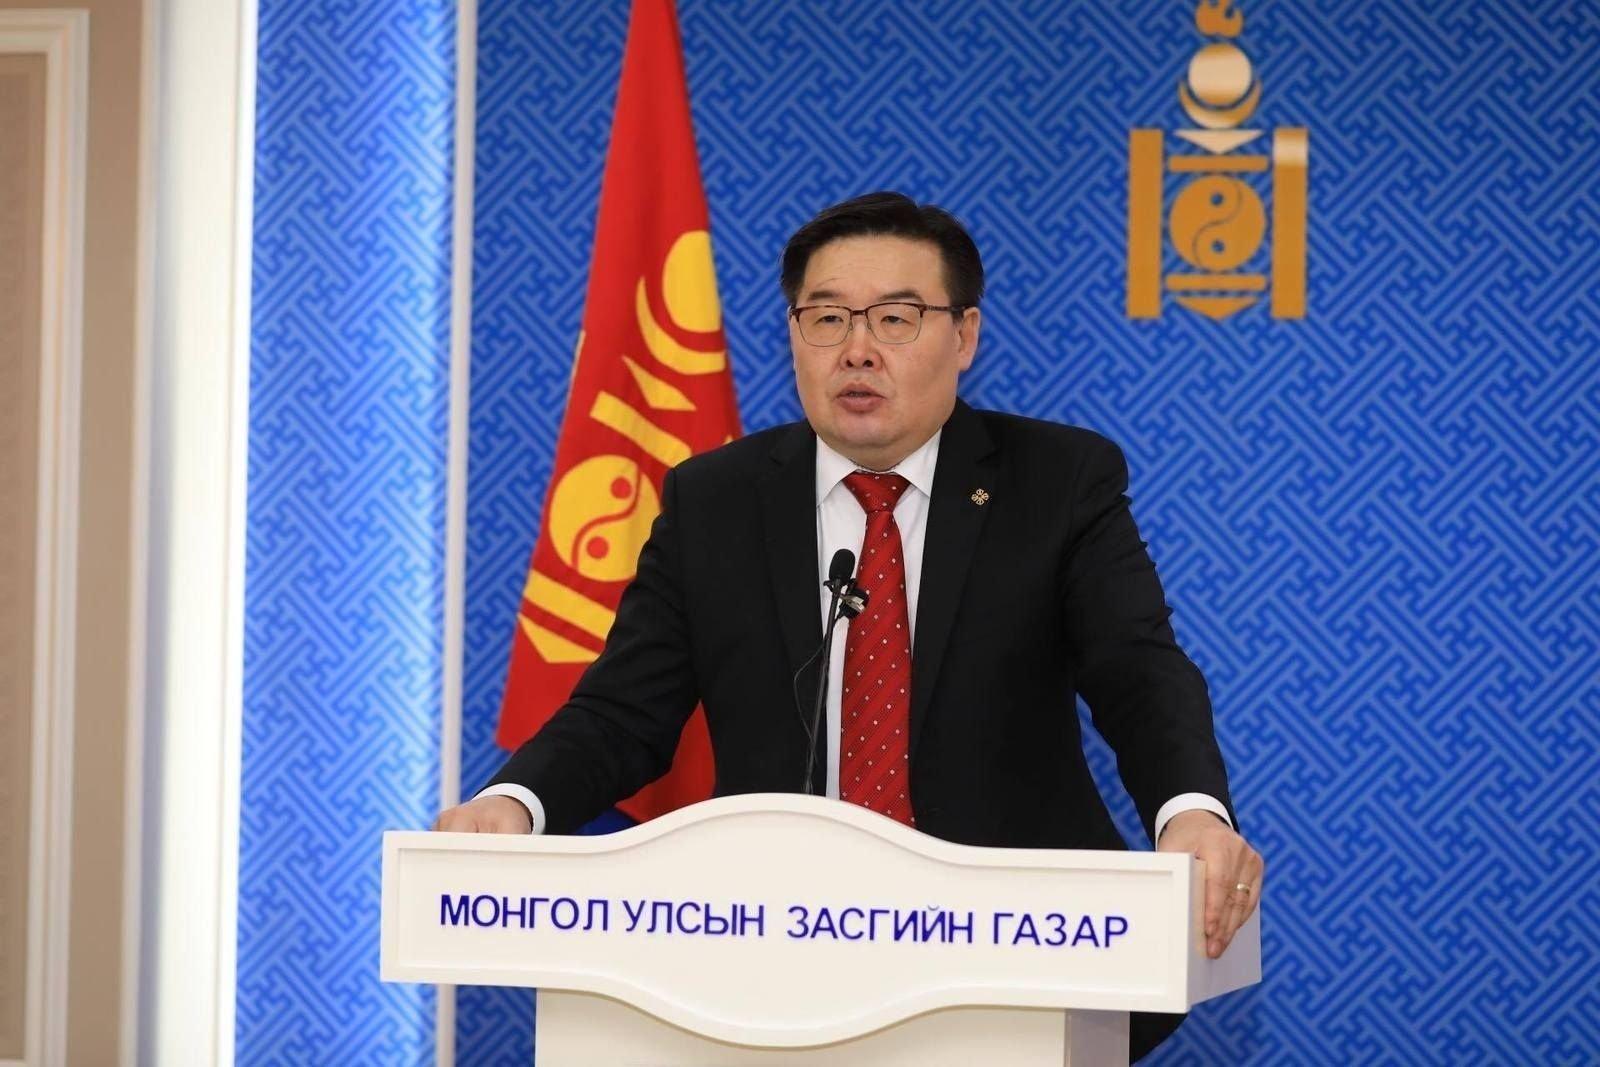 Г.Занданшатар: Хятадын 800 иргэнтэй холбоотой асуудал мөнгө угаахтай холбоотой